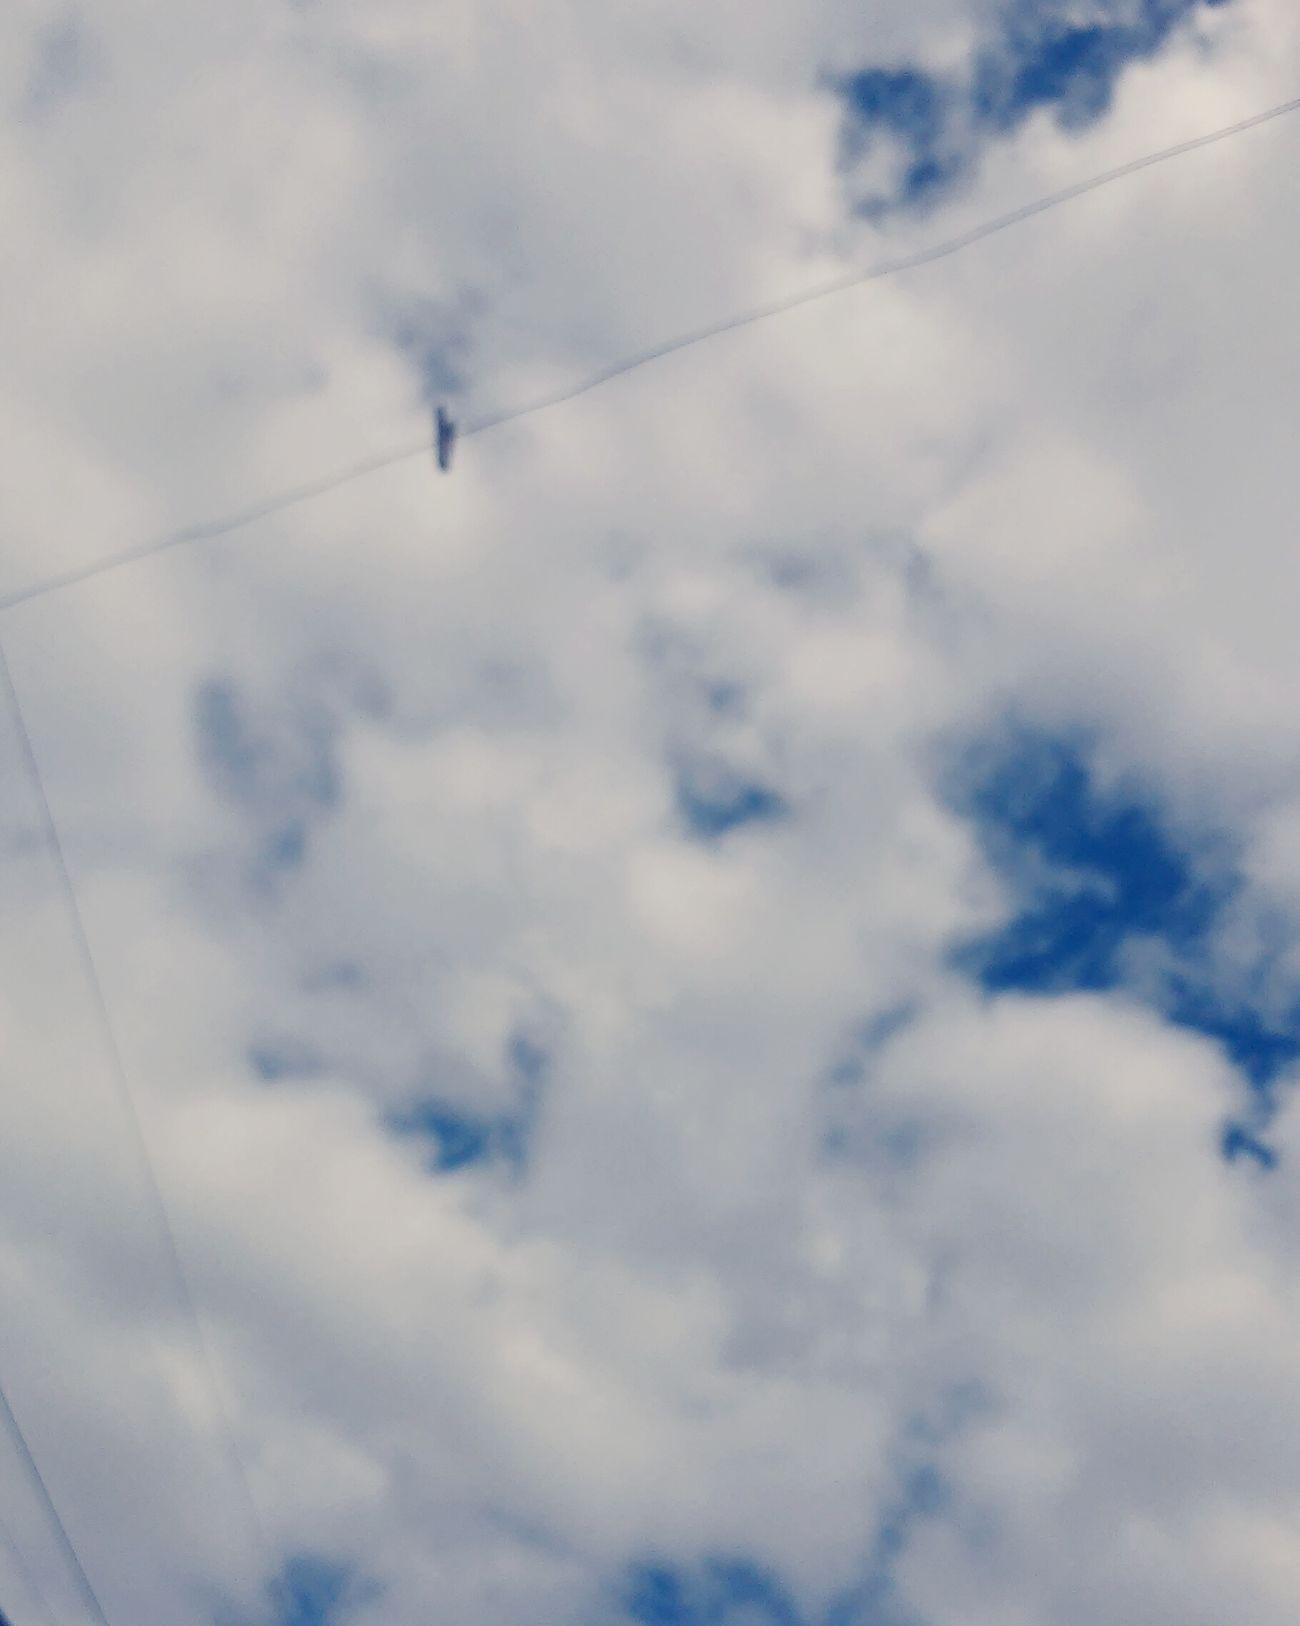 Um dia me disseram que as nuvens não eram de algodão, um dia me disseram qur o vento as vezes erram a direção (8) Sky Nuvens Relaxing